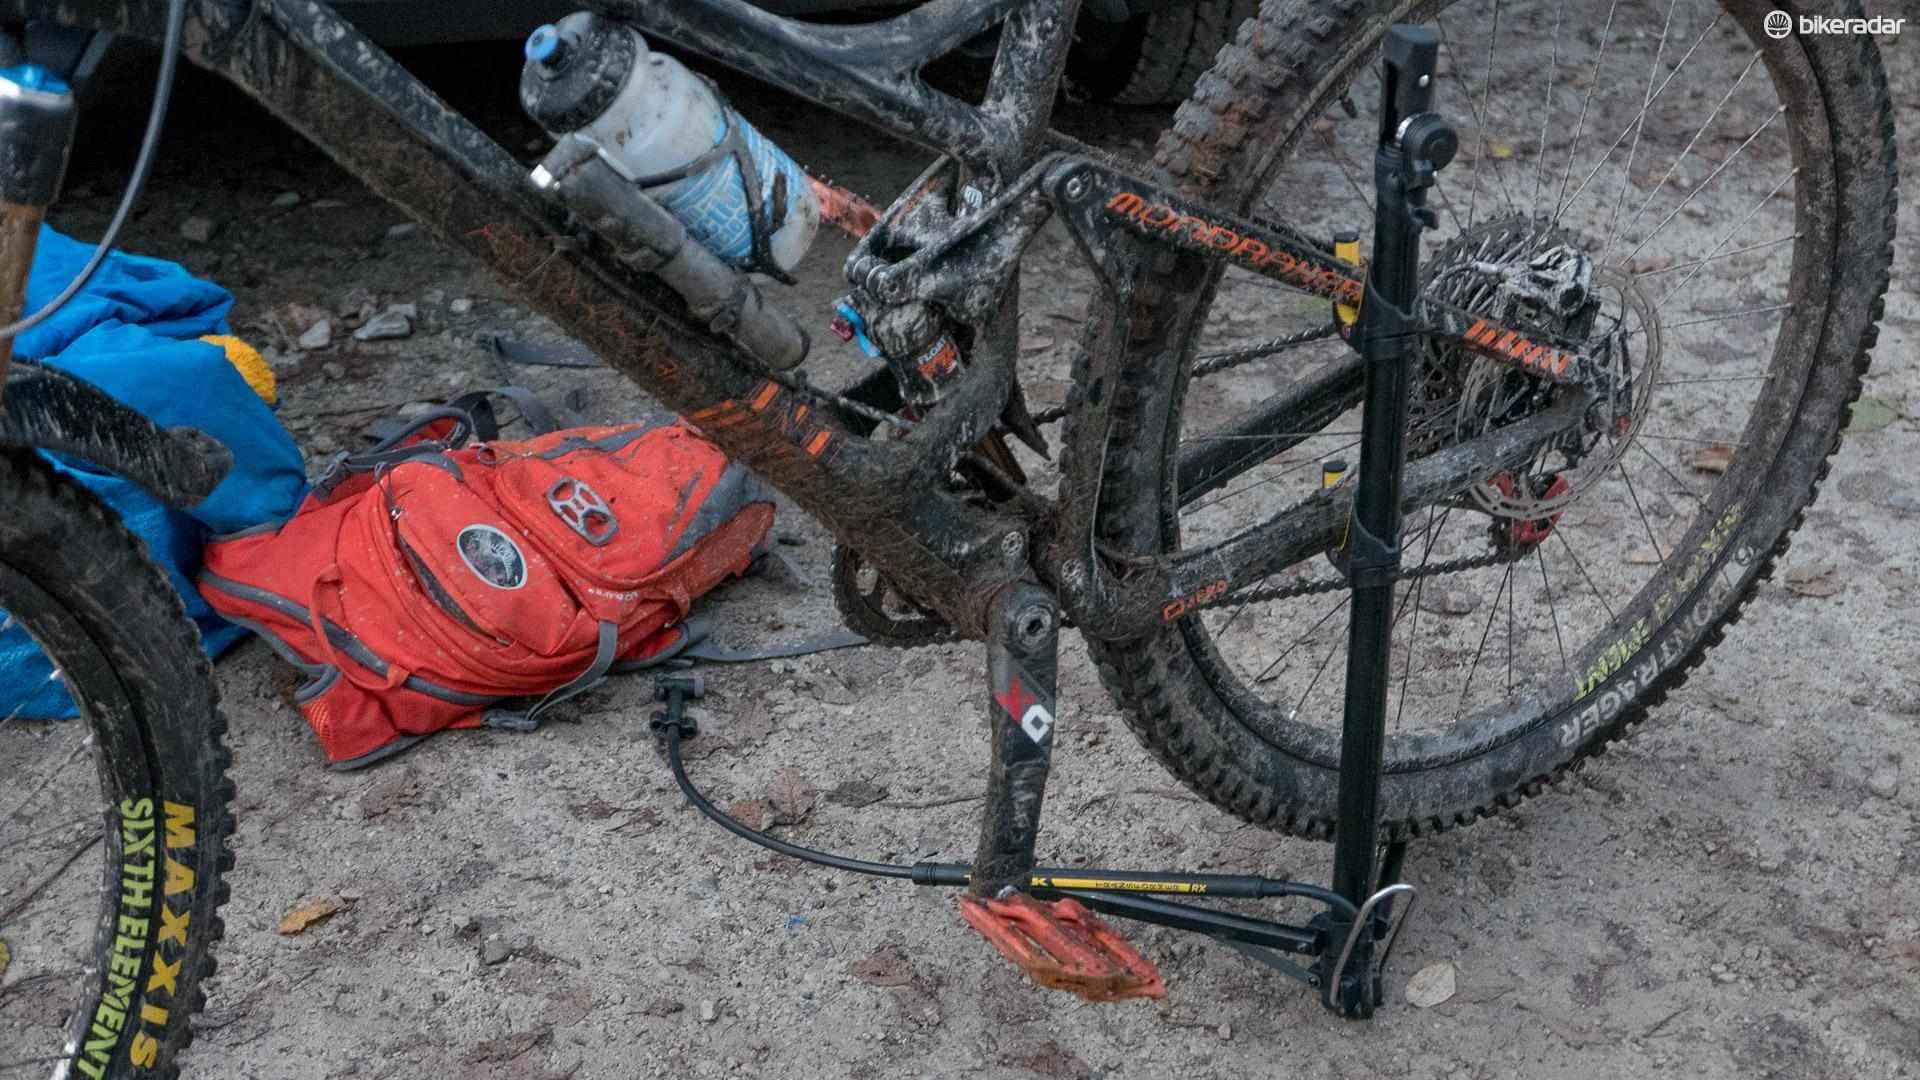 Topeak Transformer RX — a bike pump in disguise